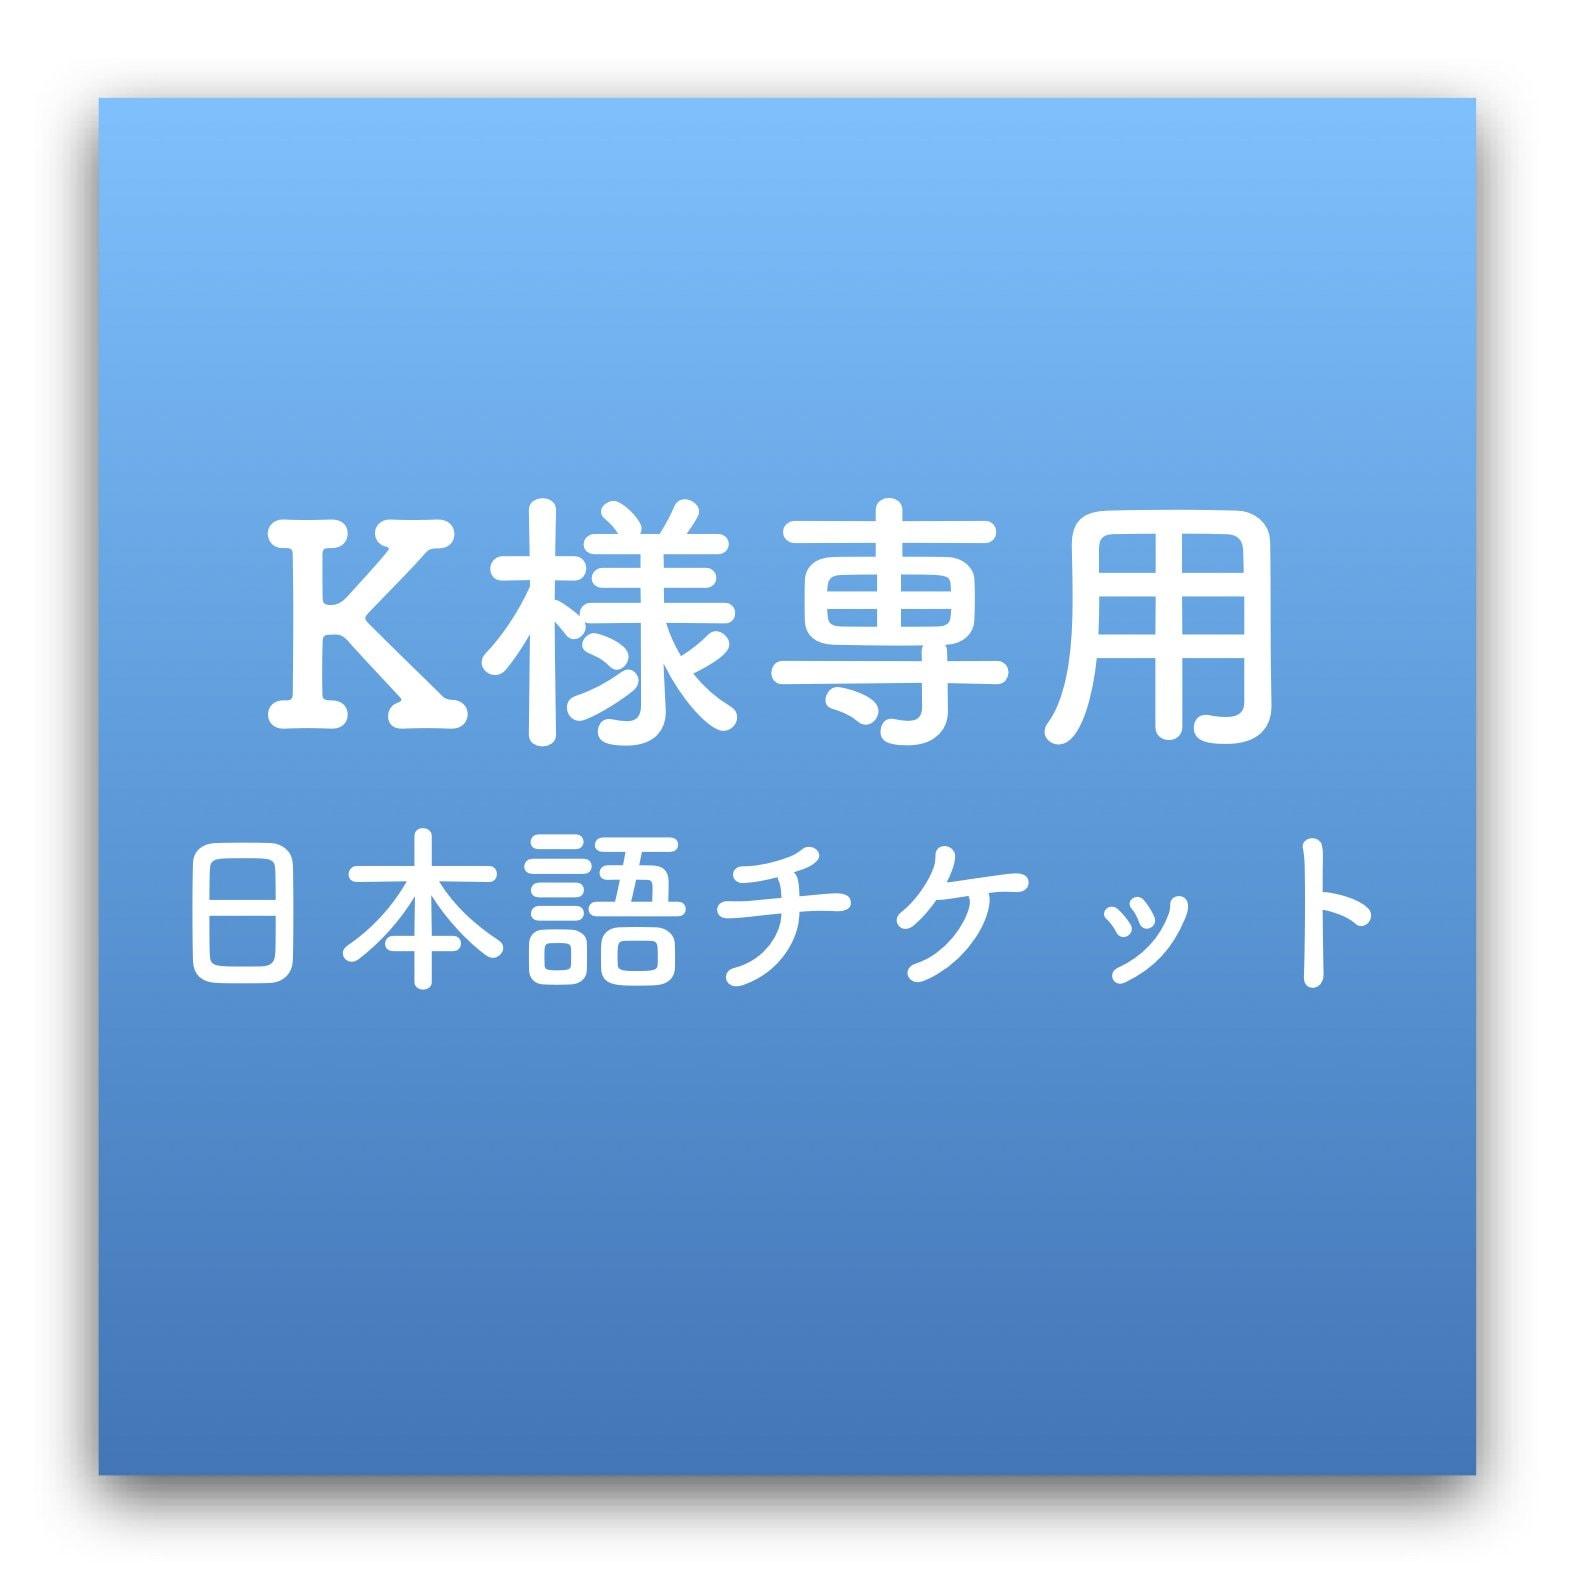 K様専用 マザーズタッチ マルヤマ 日本語教室 レッスンチケットのイメージその1